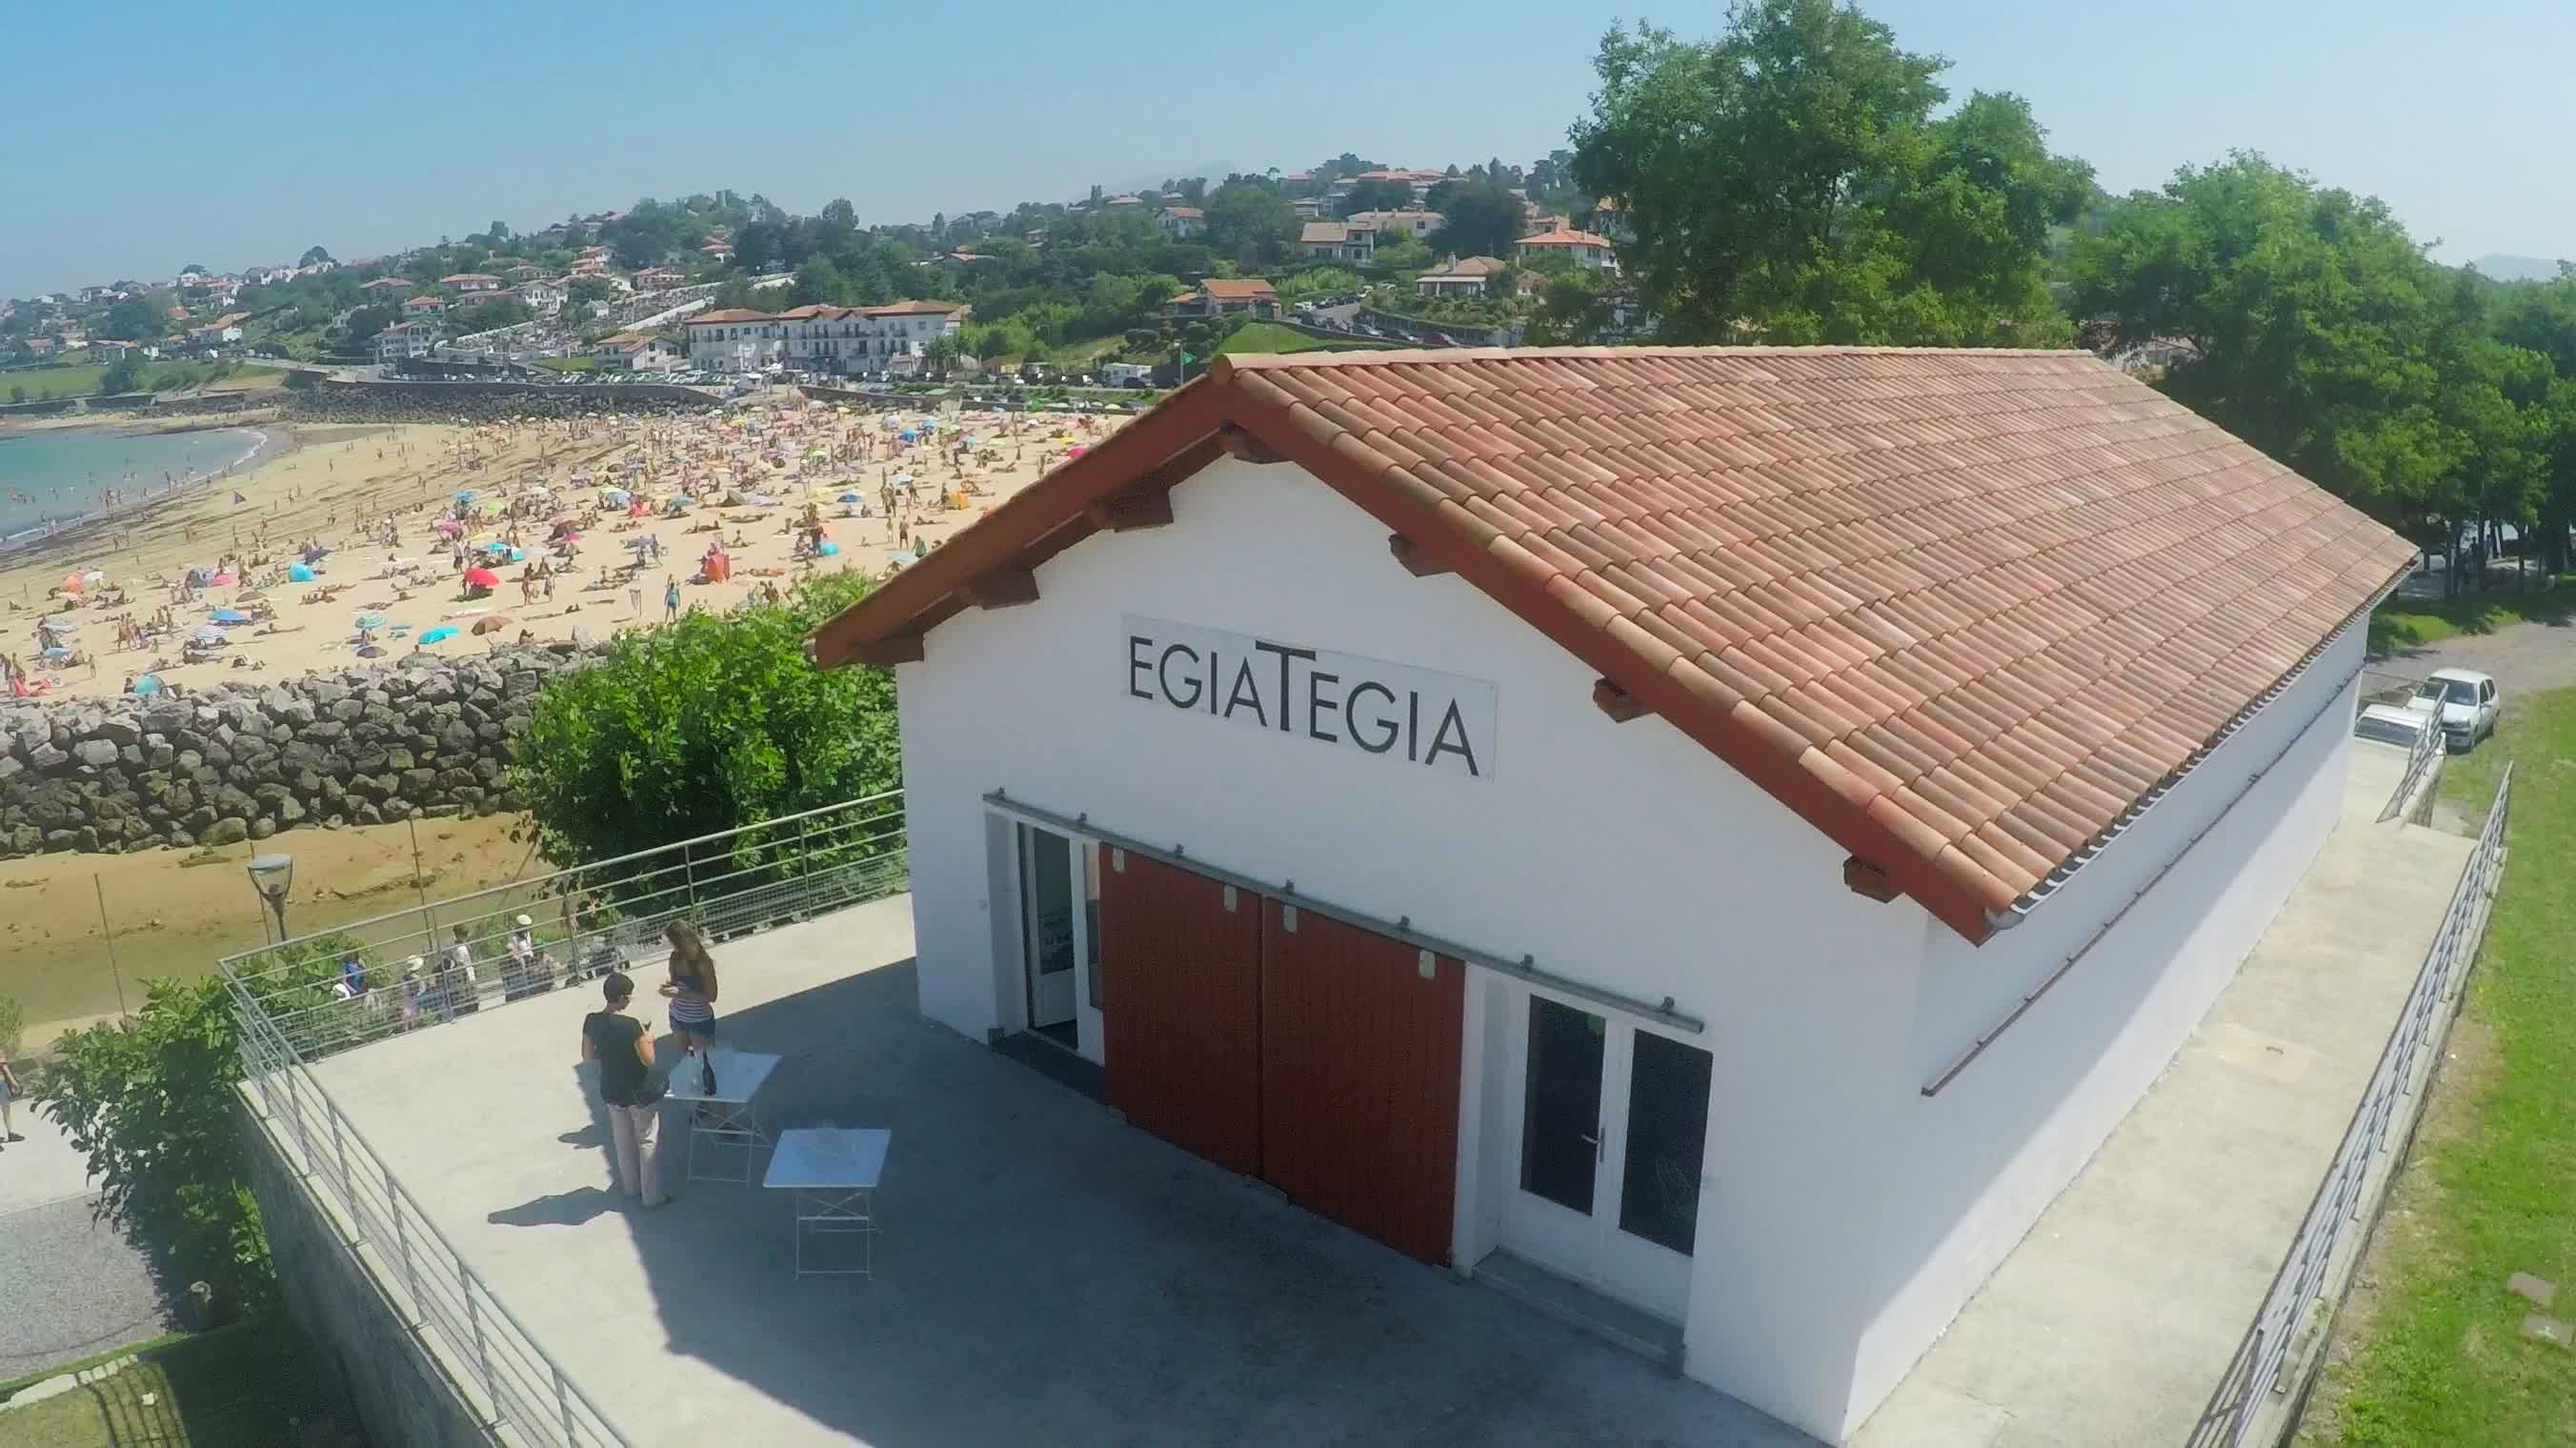 Activité Egiategia / Visite Chai et dégustation